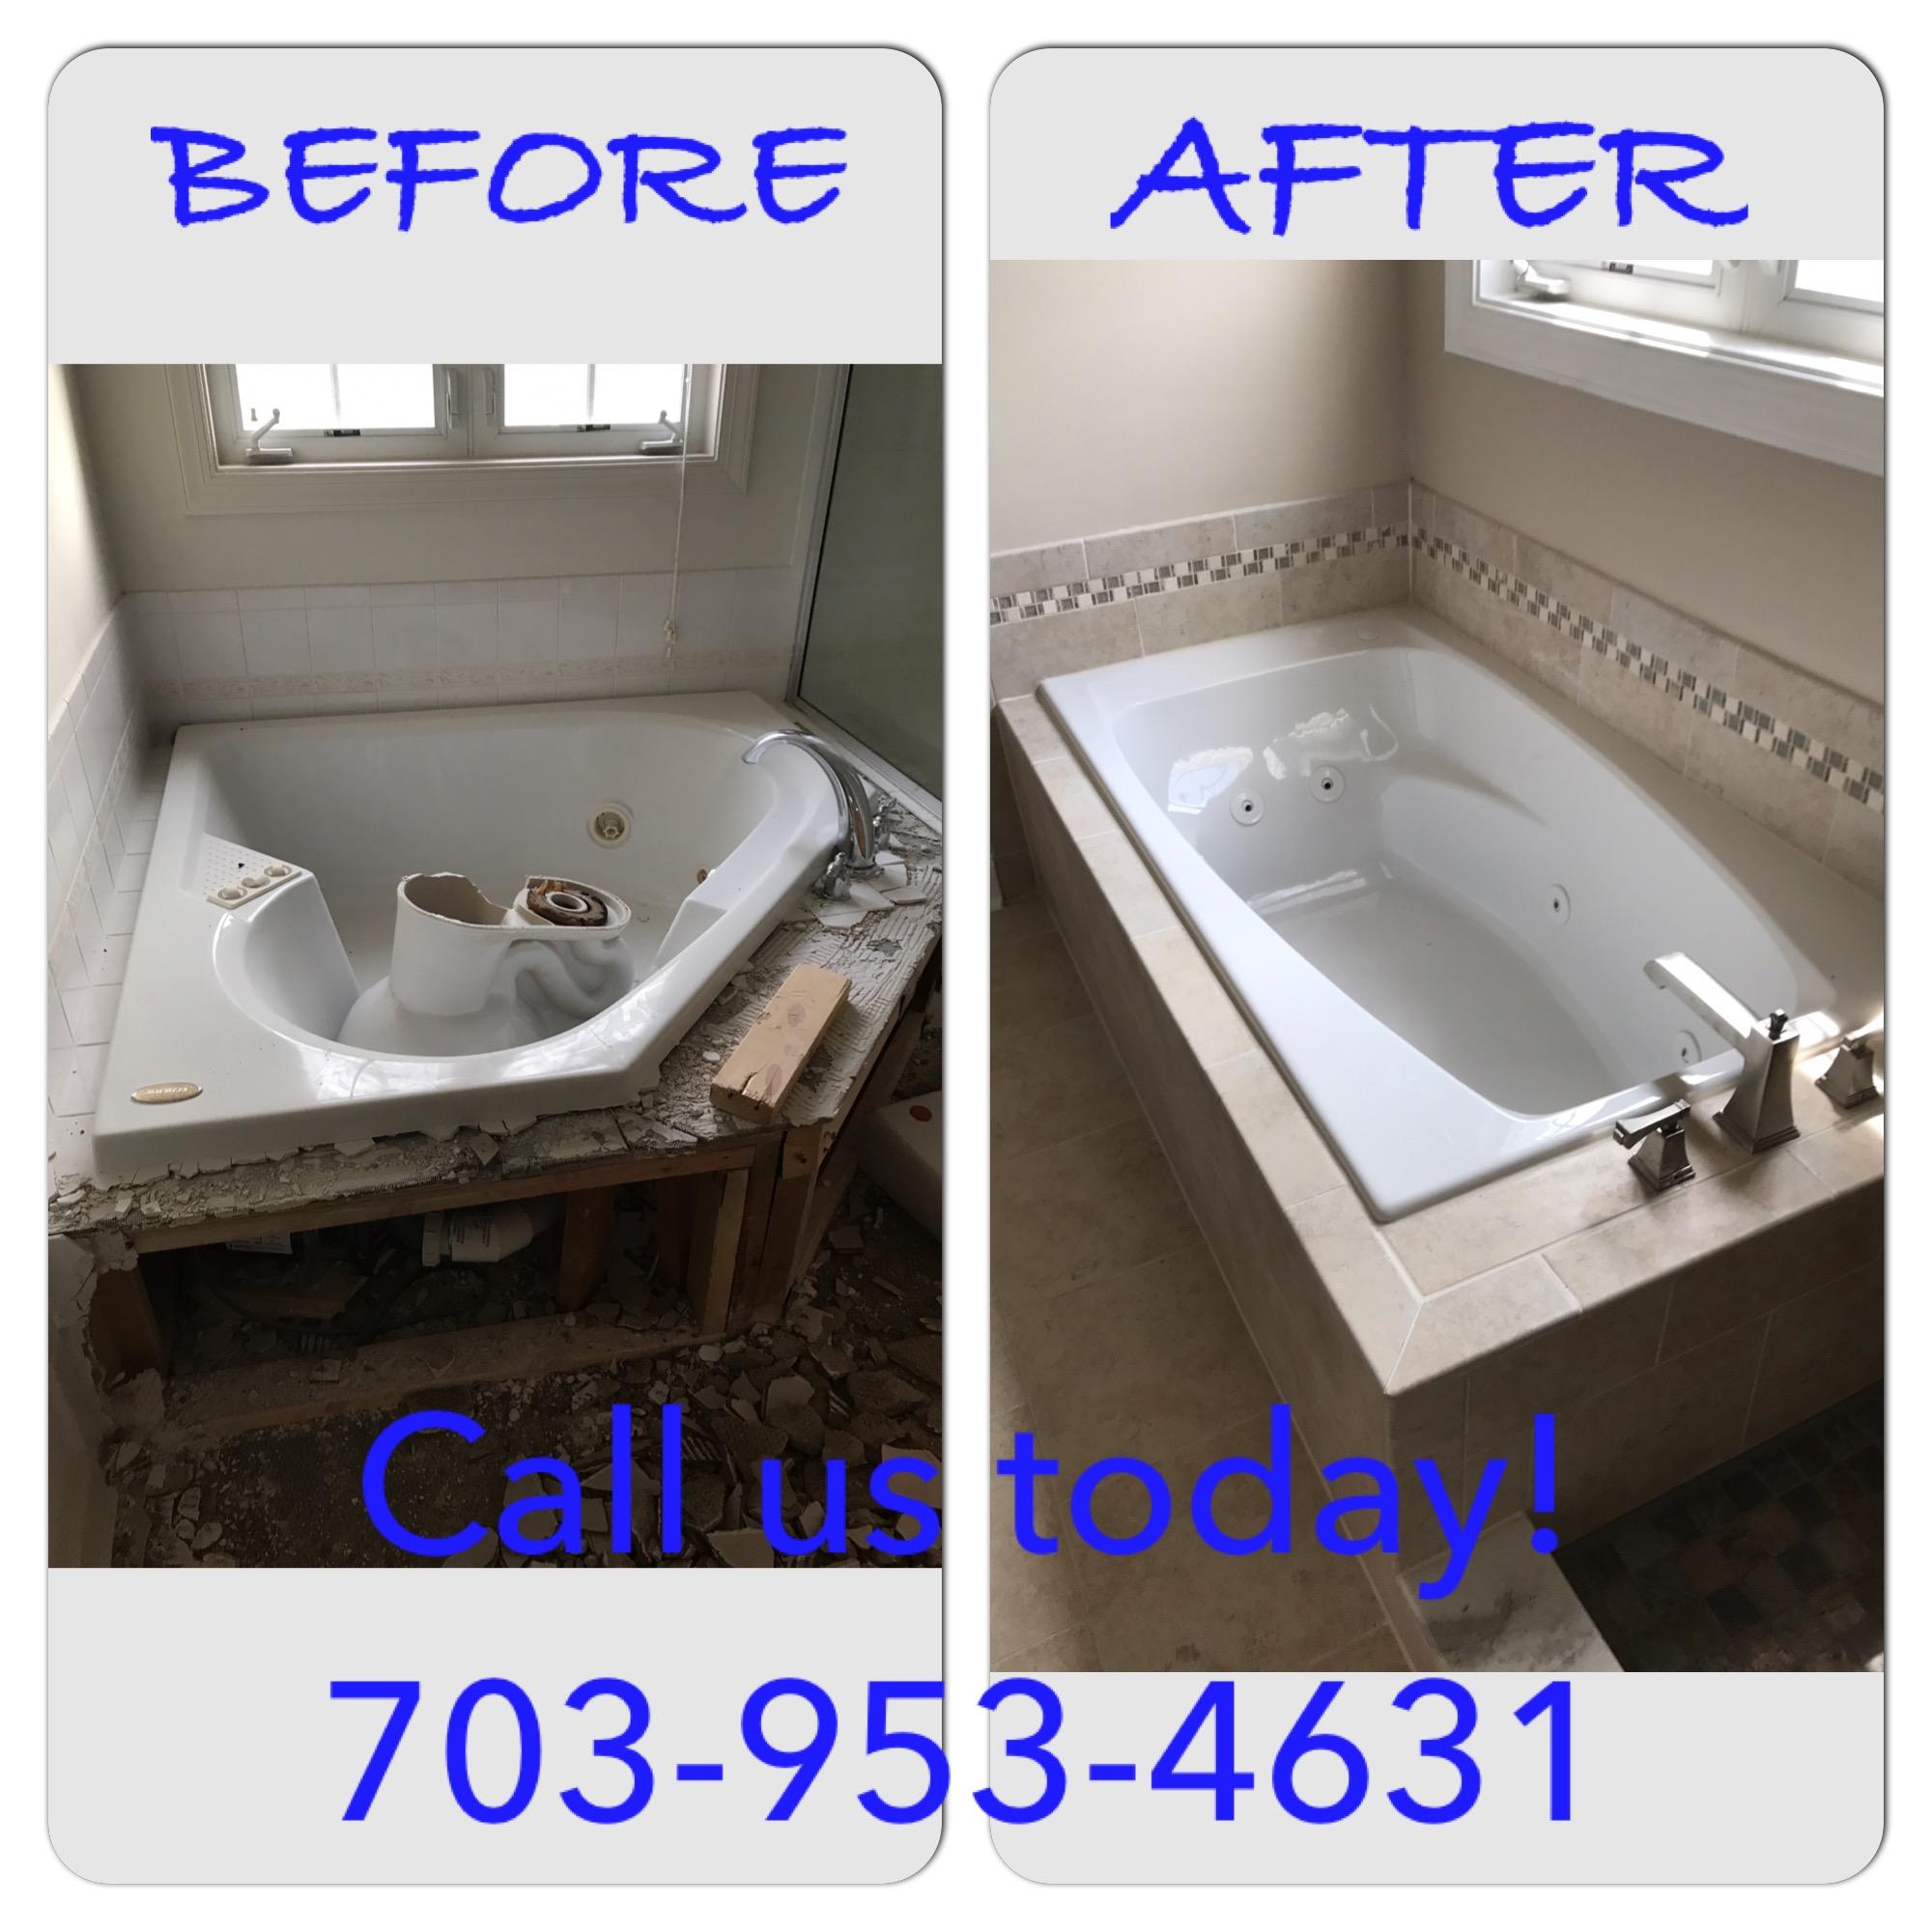 Cavallo Way Bath Remodel 7